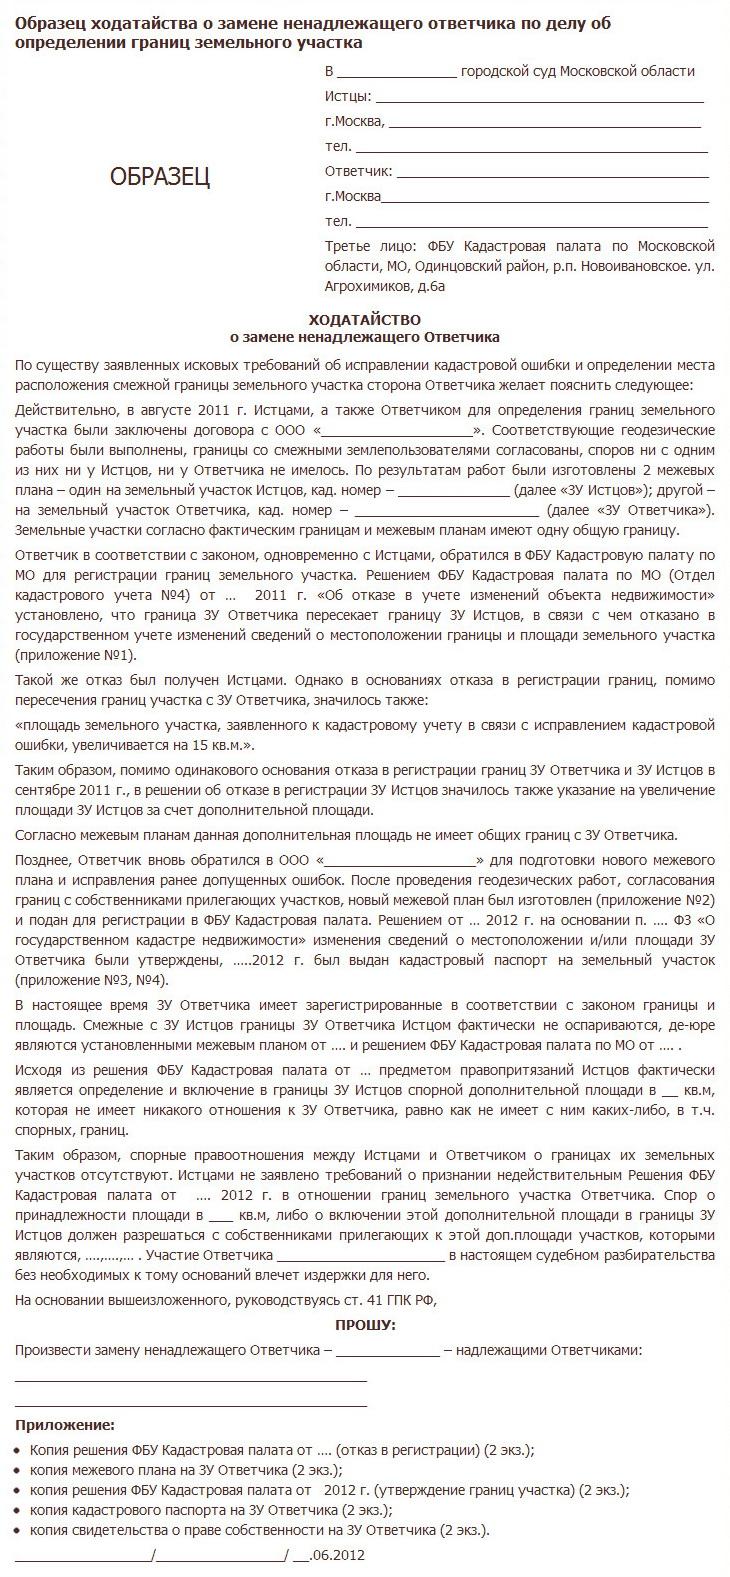 nedvizhimost-5